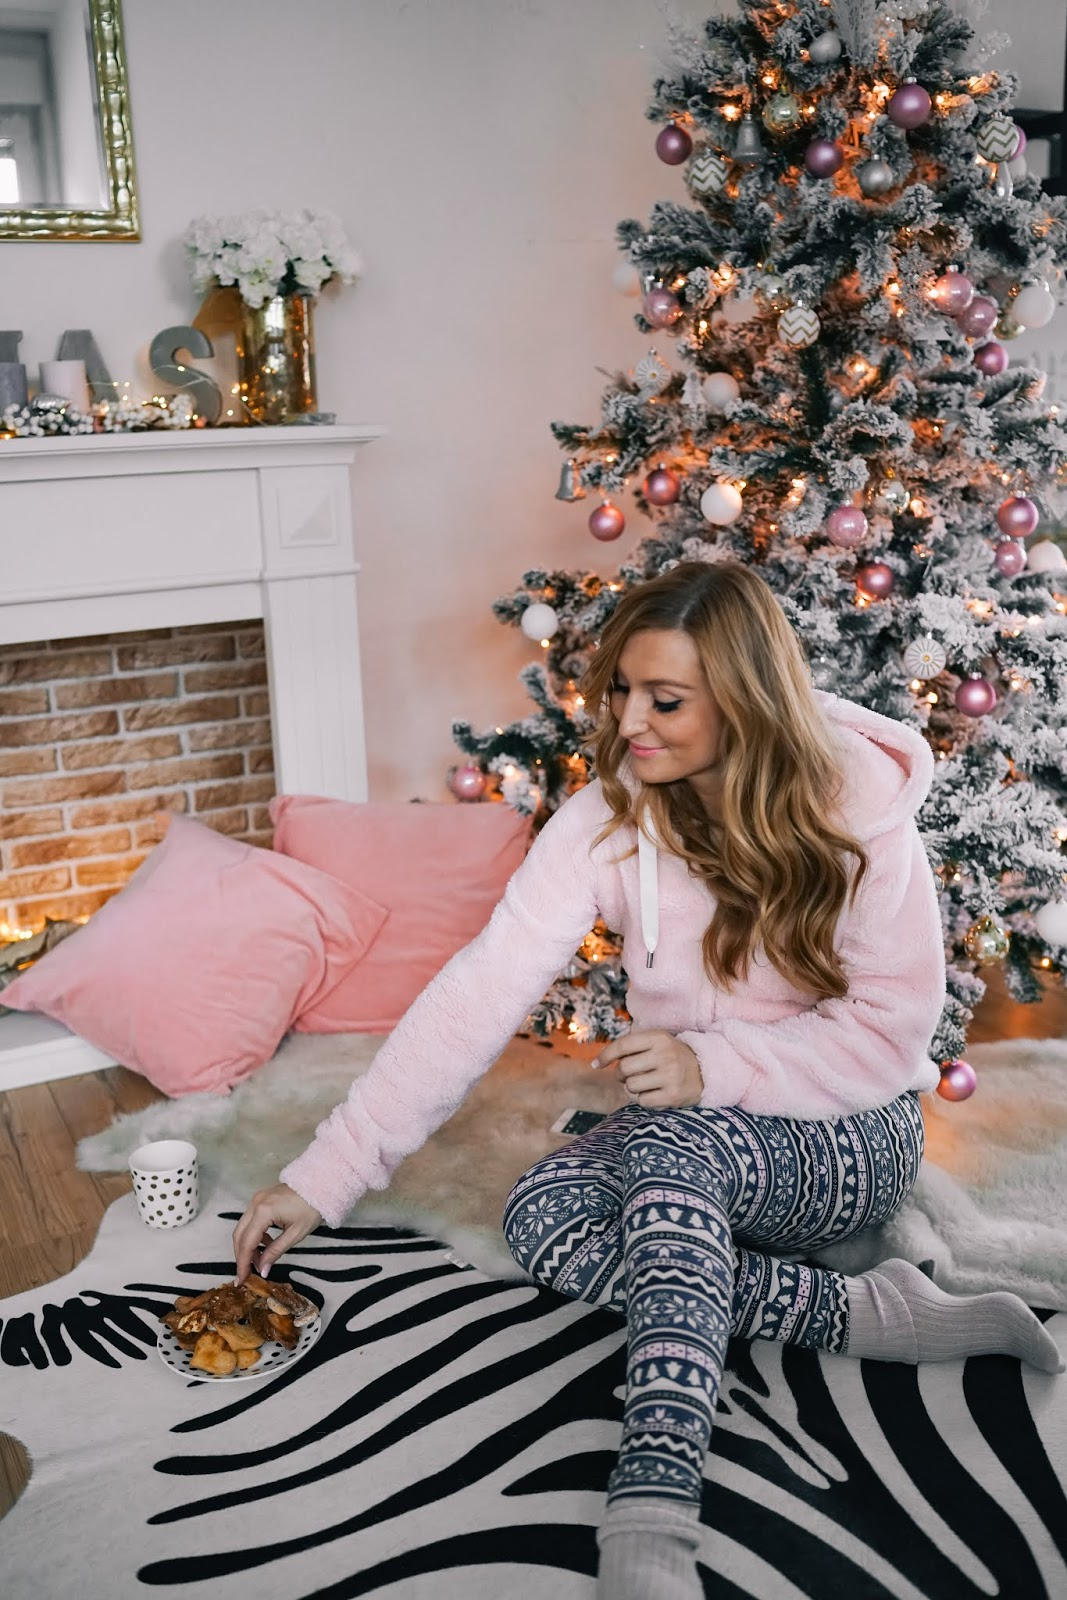 Gemütliches-Weihnachtsoutfit-rosa-kuschel-jacke-cozy-homeoutfit-rosa-Pullover-Homelook-gemütliches-outfi-fashionstylebyjohanna-blogger-aus-frankfurt